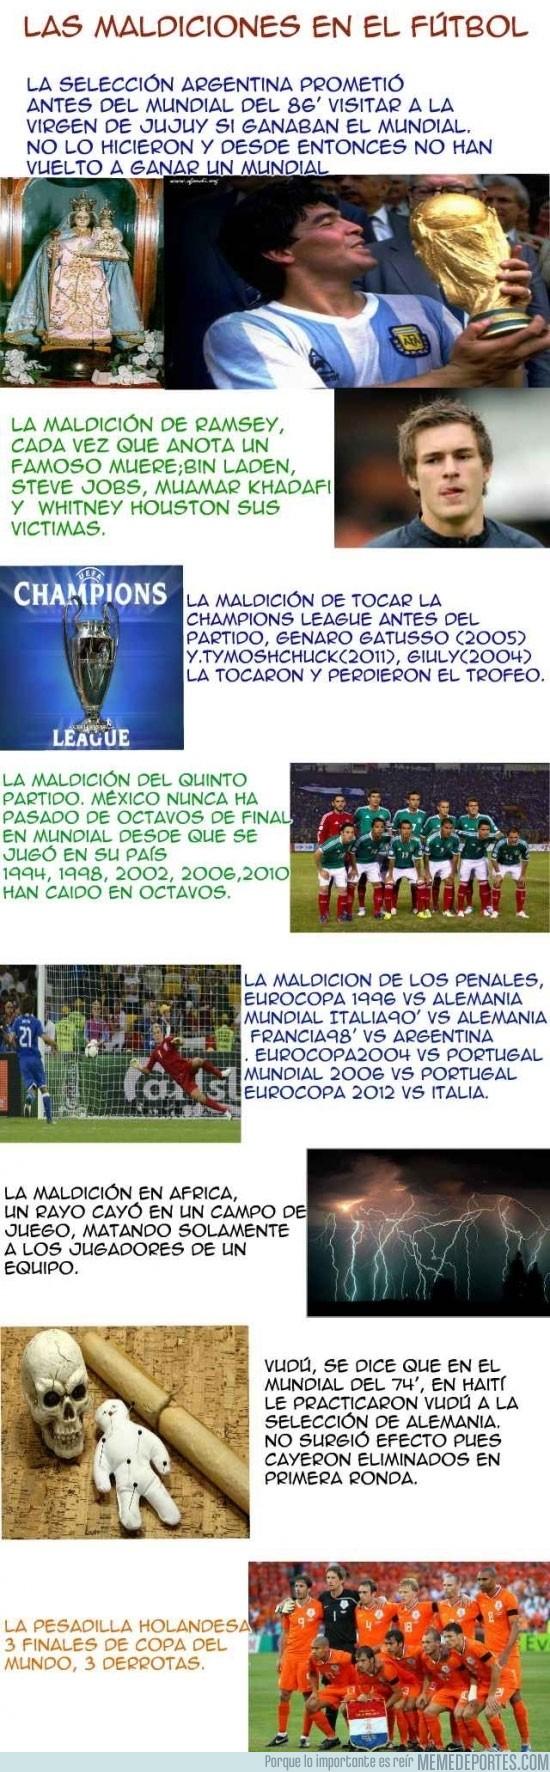 128524 - Maldiciones en el fútbol